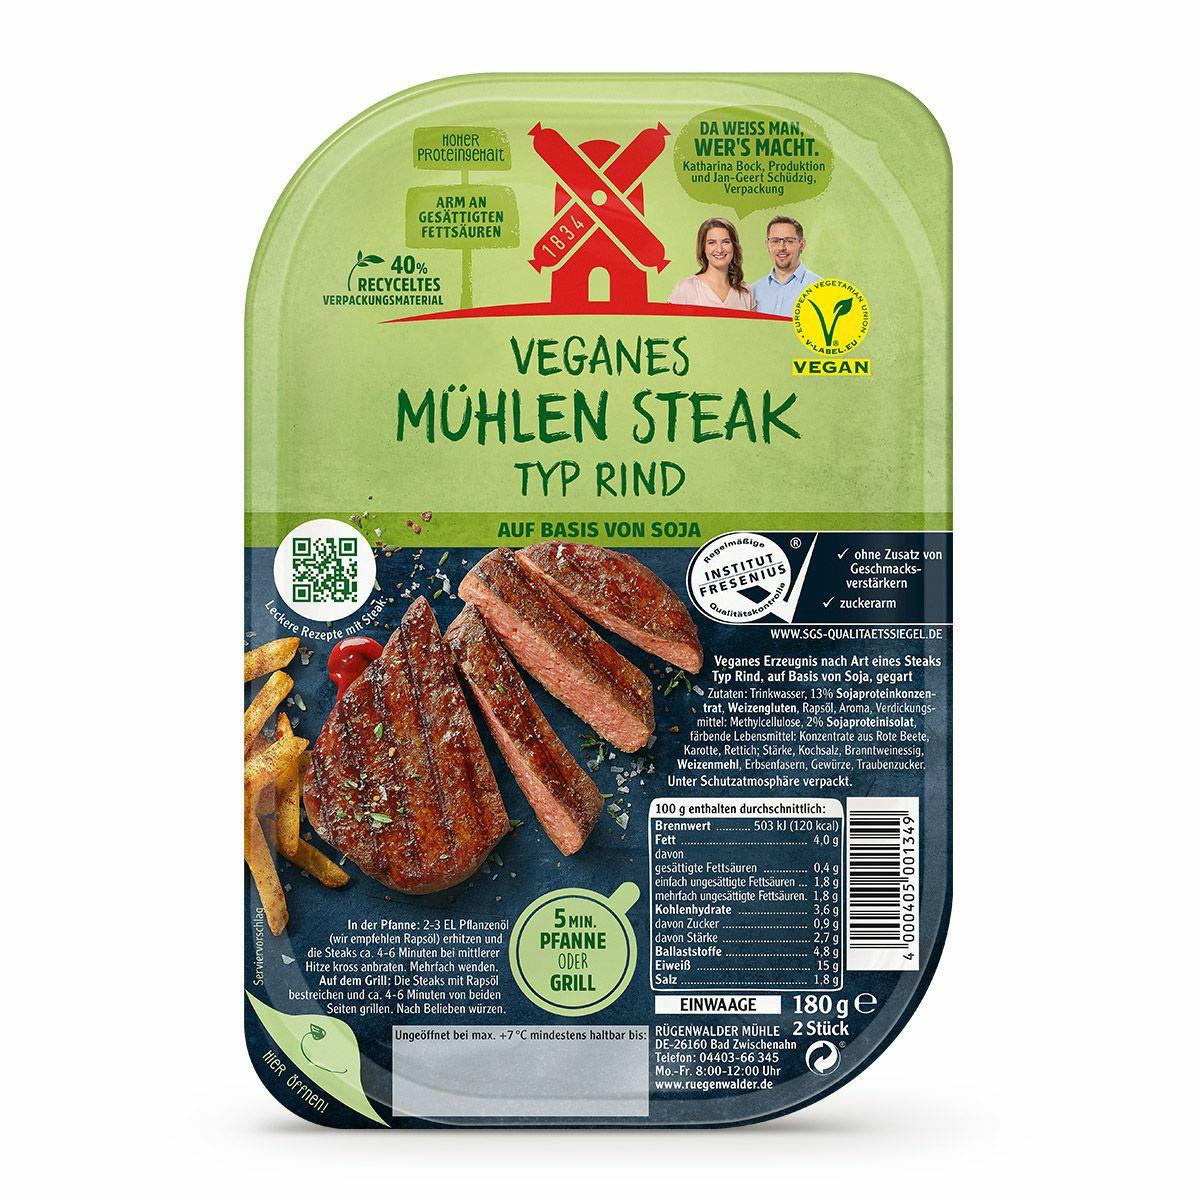 Rügenwalder Mühle Vegan Steak Typ Rind o. Vegan Filet Typ Hähnchen [Lidl]